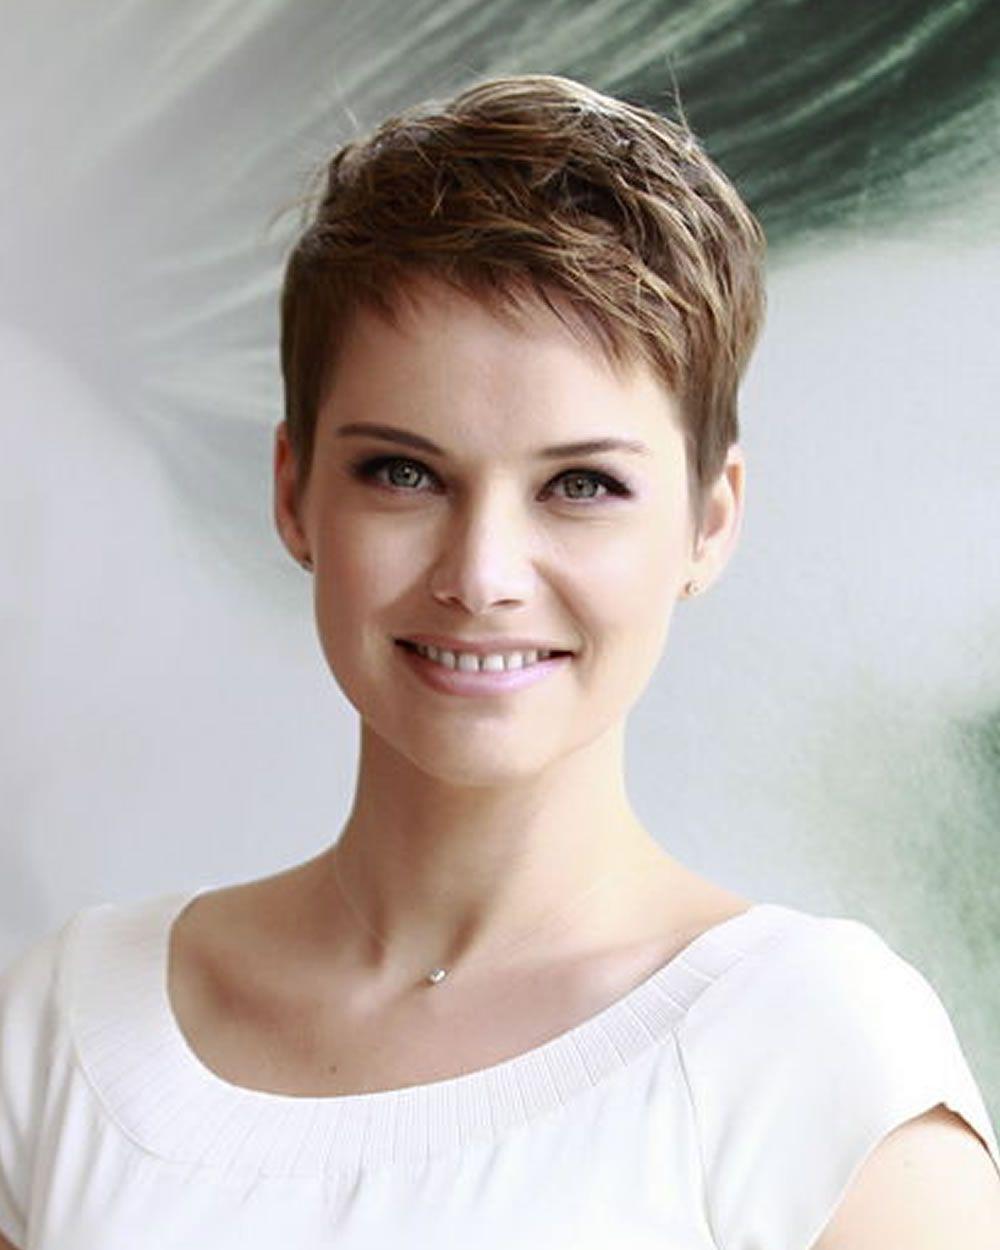 21 Trendige Kurze Haarschnitt Bilder Und Pixie Frisuren Die Sie Wirklich Lieben Frisuren Trendy Short Hair Styles Short Hair Styles Trendy Short Haircuts